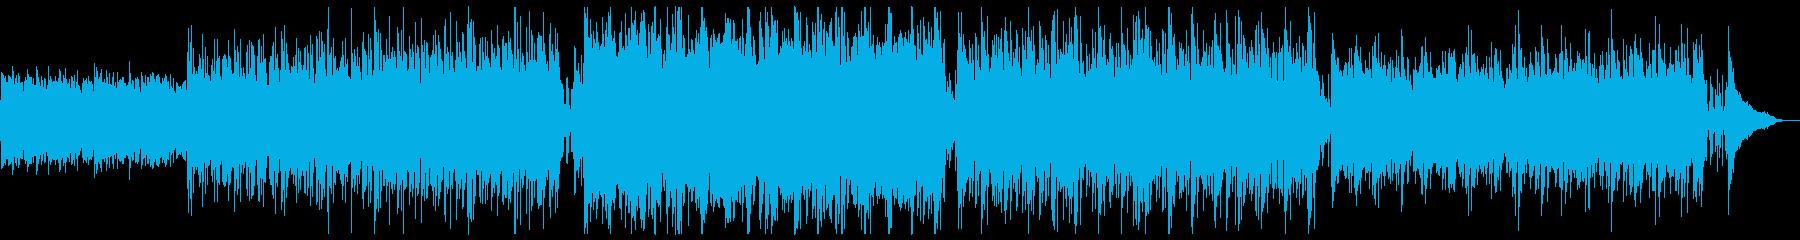 ハリウッド風ダークバイオリンx1回の再生済みの波形